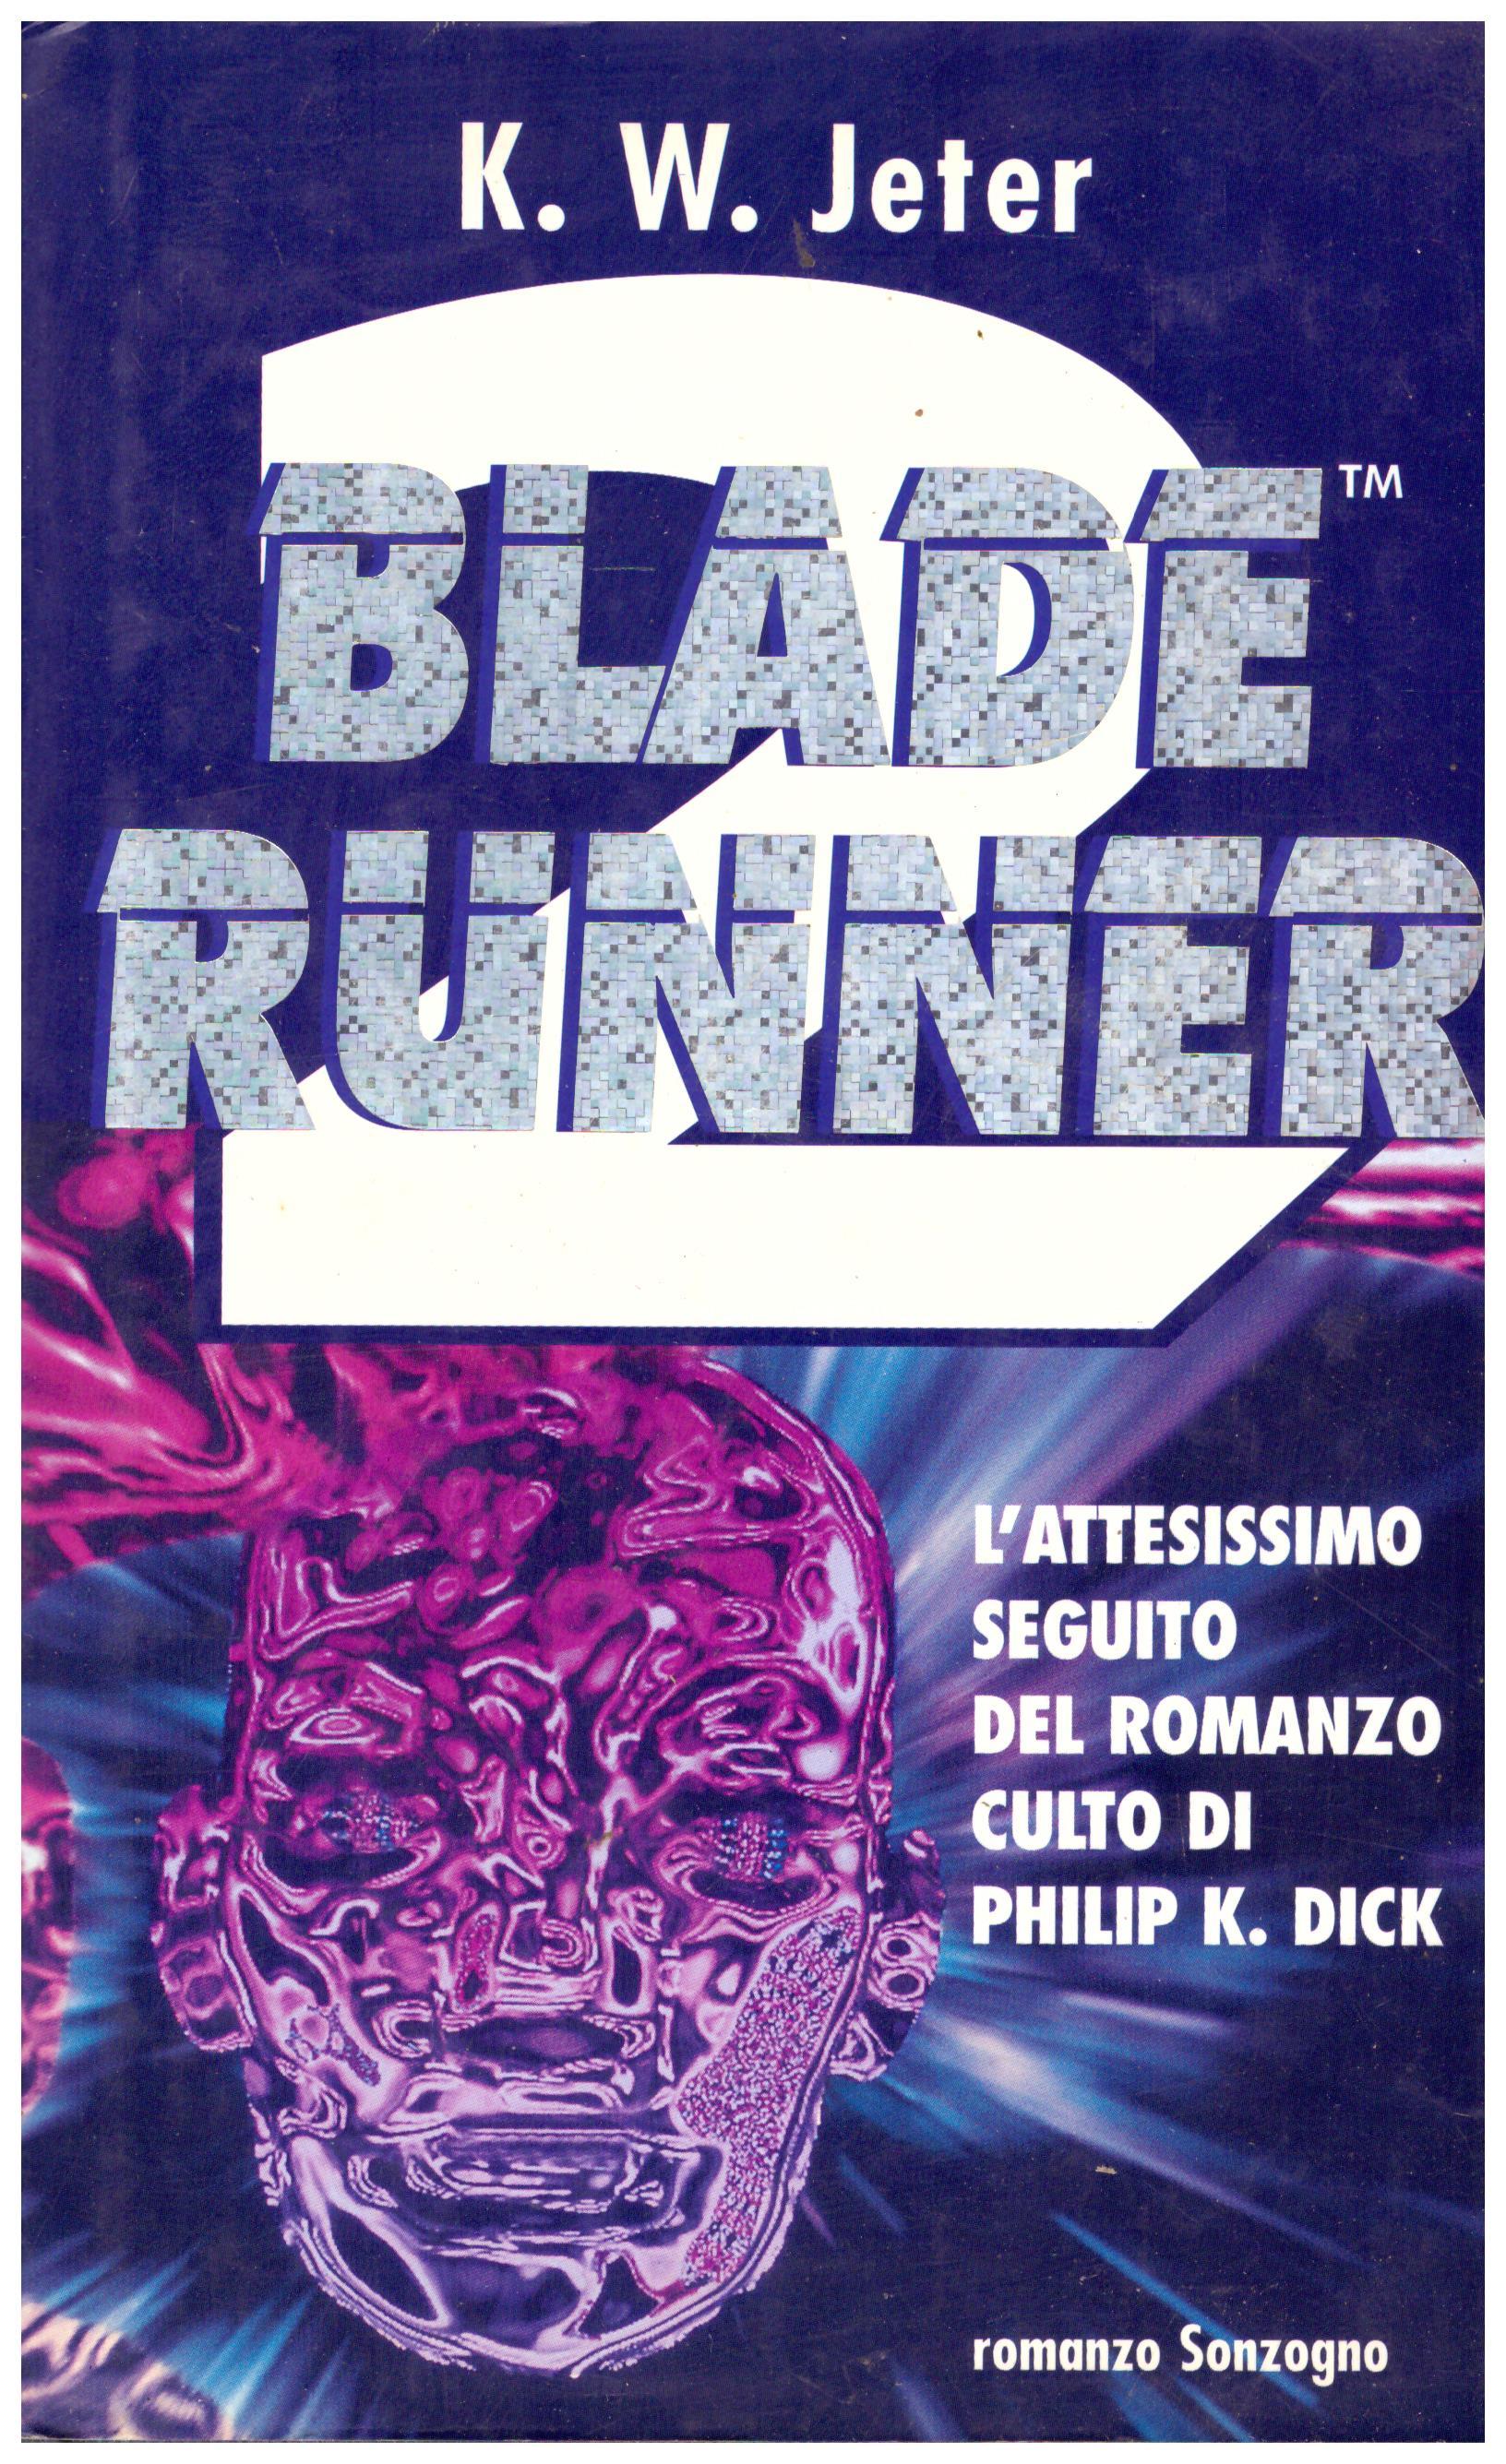 Titolo: Blade runner  Autore: K. W. Jeter  Editore: Sonzogno